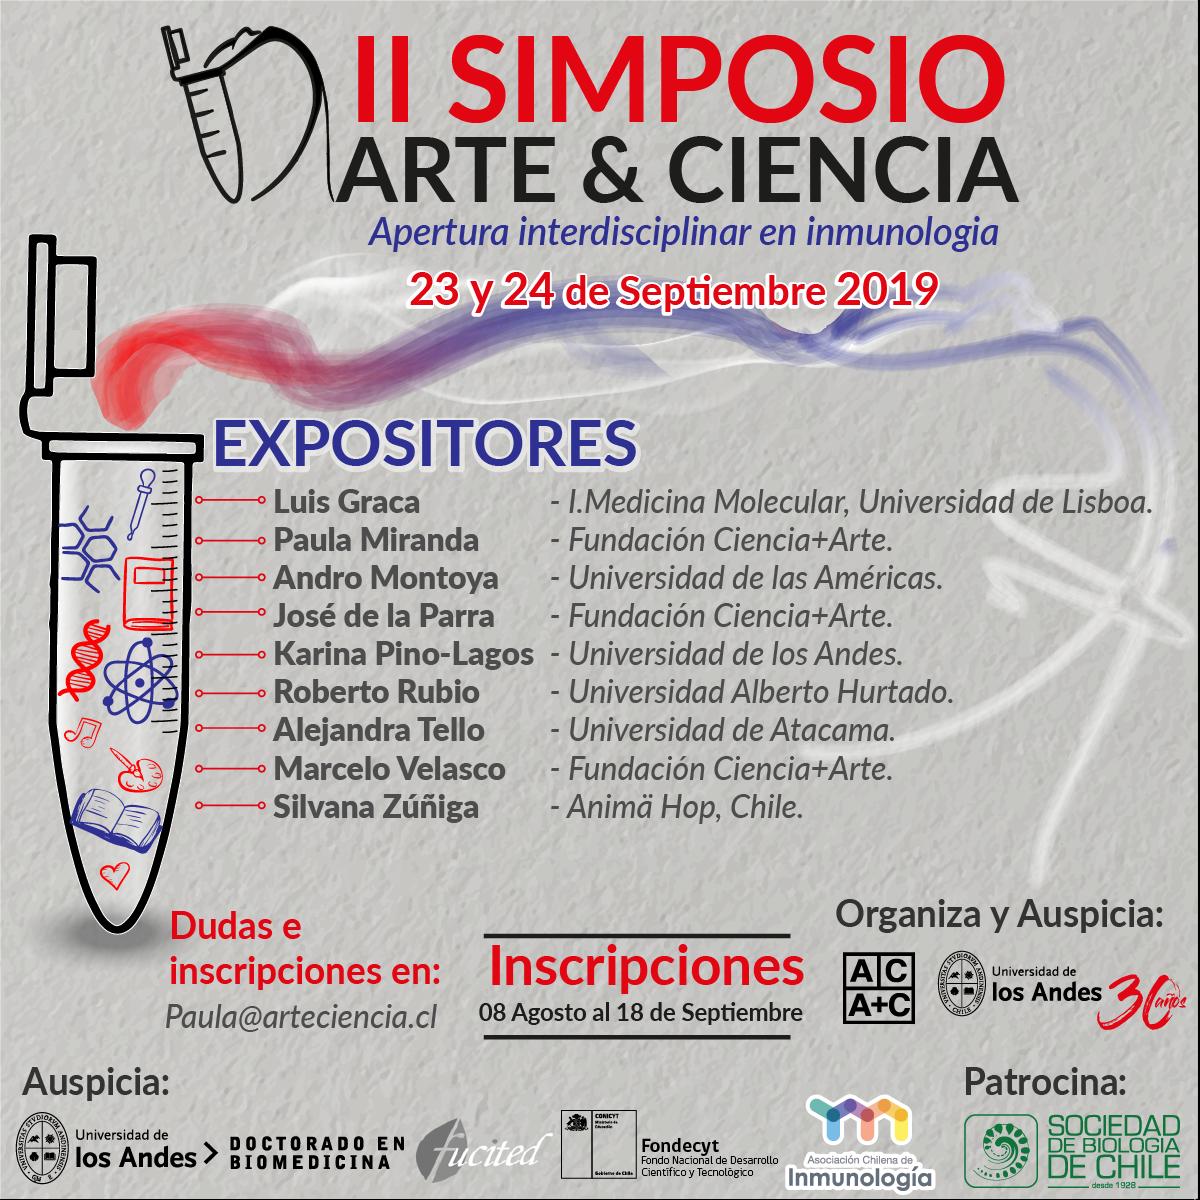 II Simposio Arte y Ciencia, 23-24 sept 2019, Aula Magna del Edificio de Humanidades de la Universidad de los Andes graphic